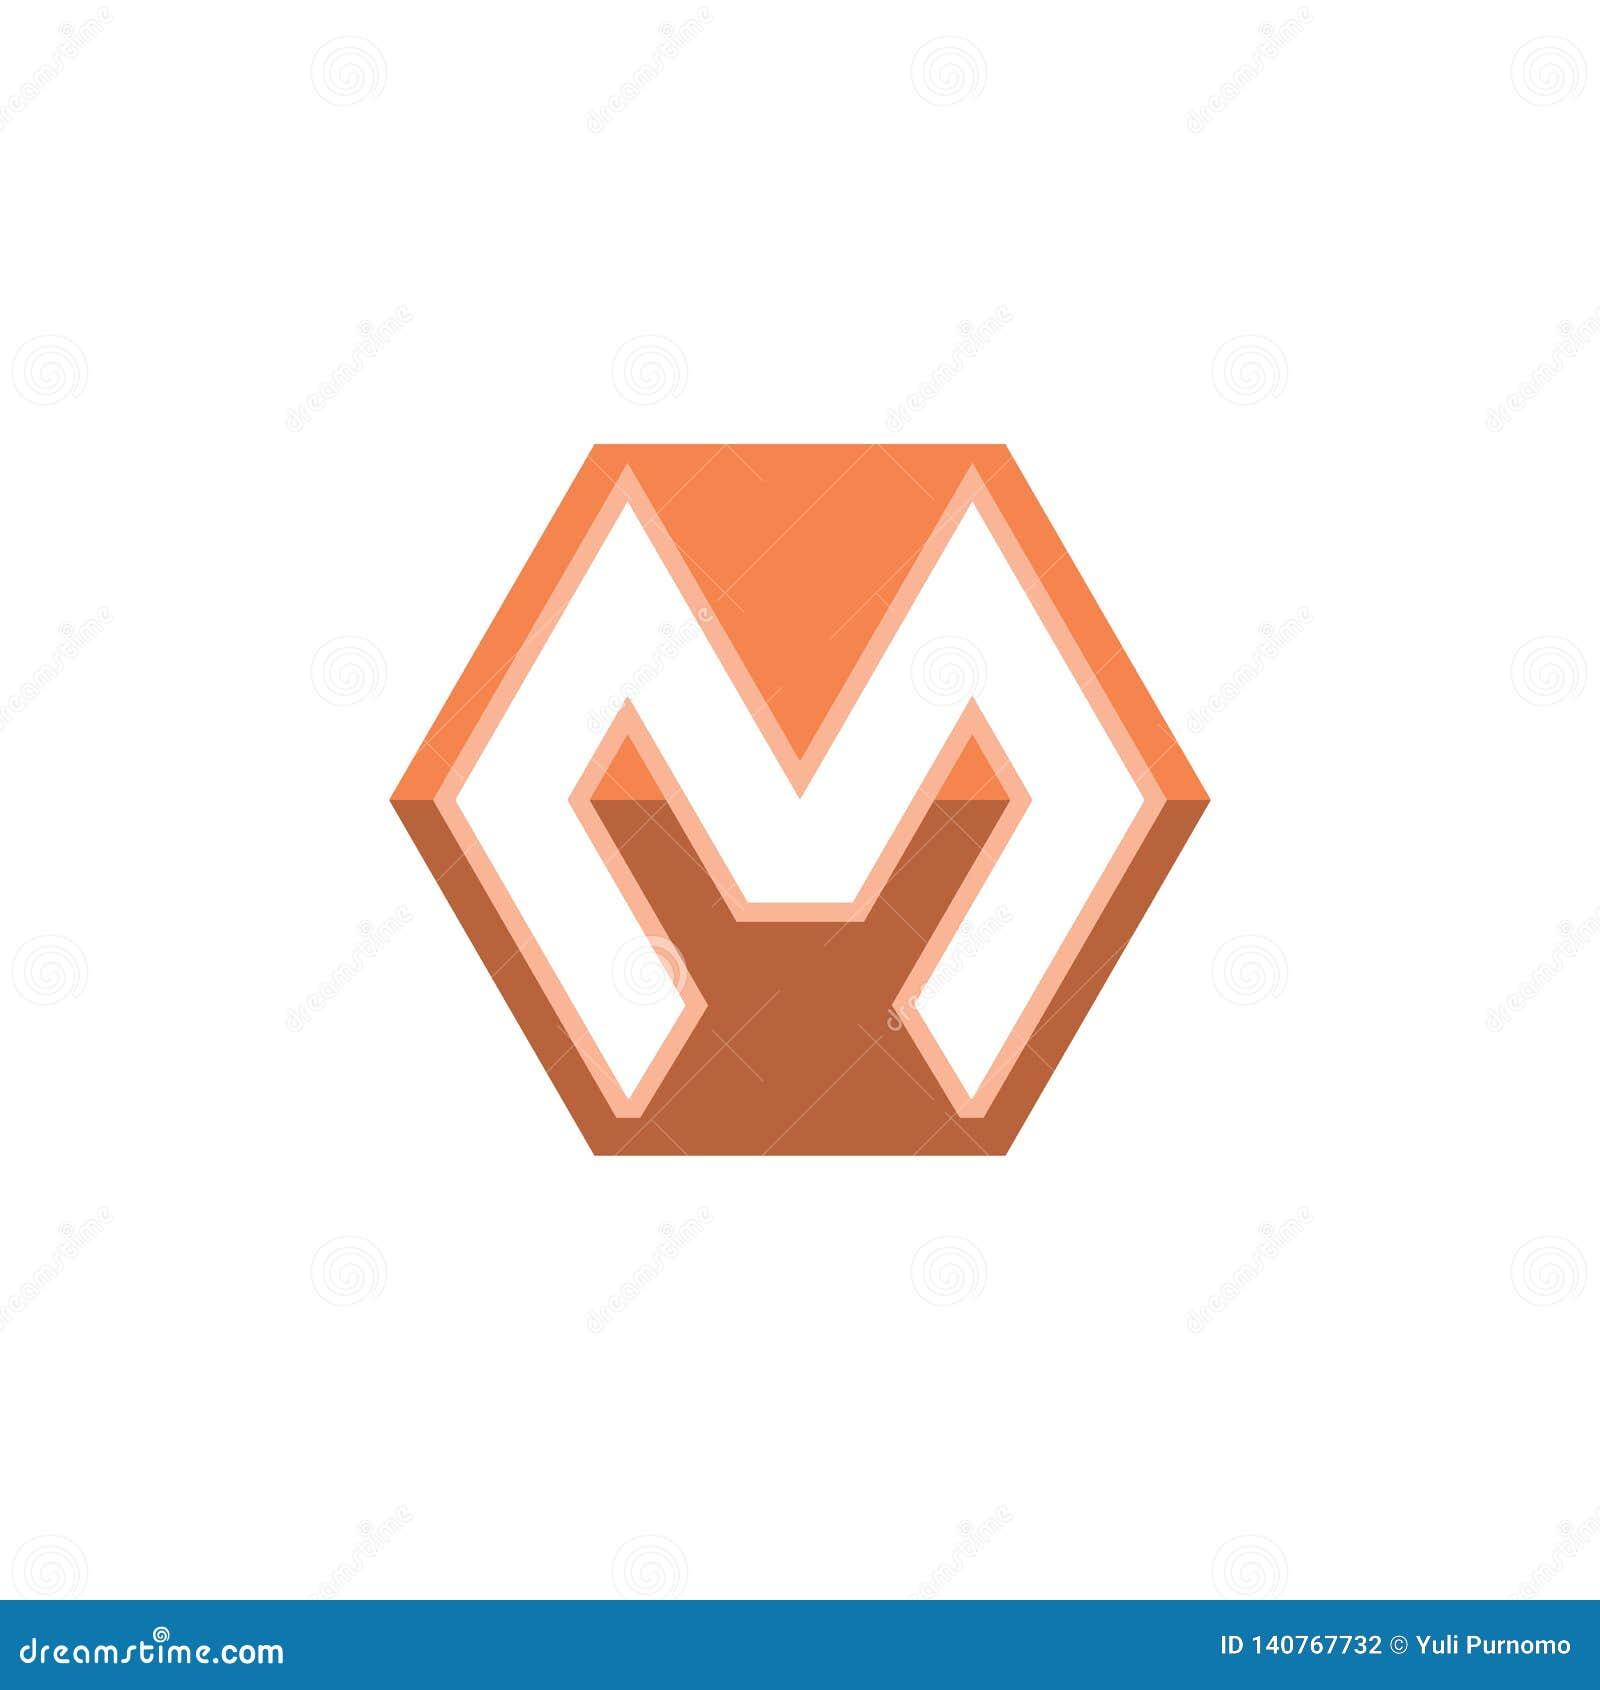 Letter N Square Shape Logo Vector Icon:  Letter M Shape Hexagon Vector Logo White Background Stock